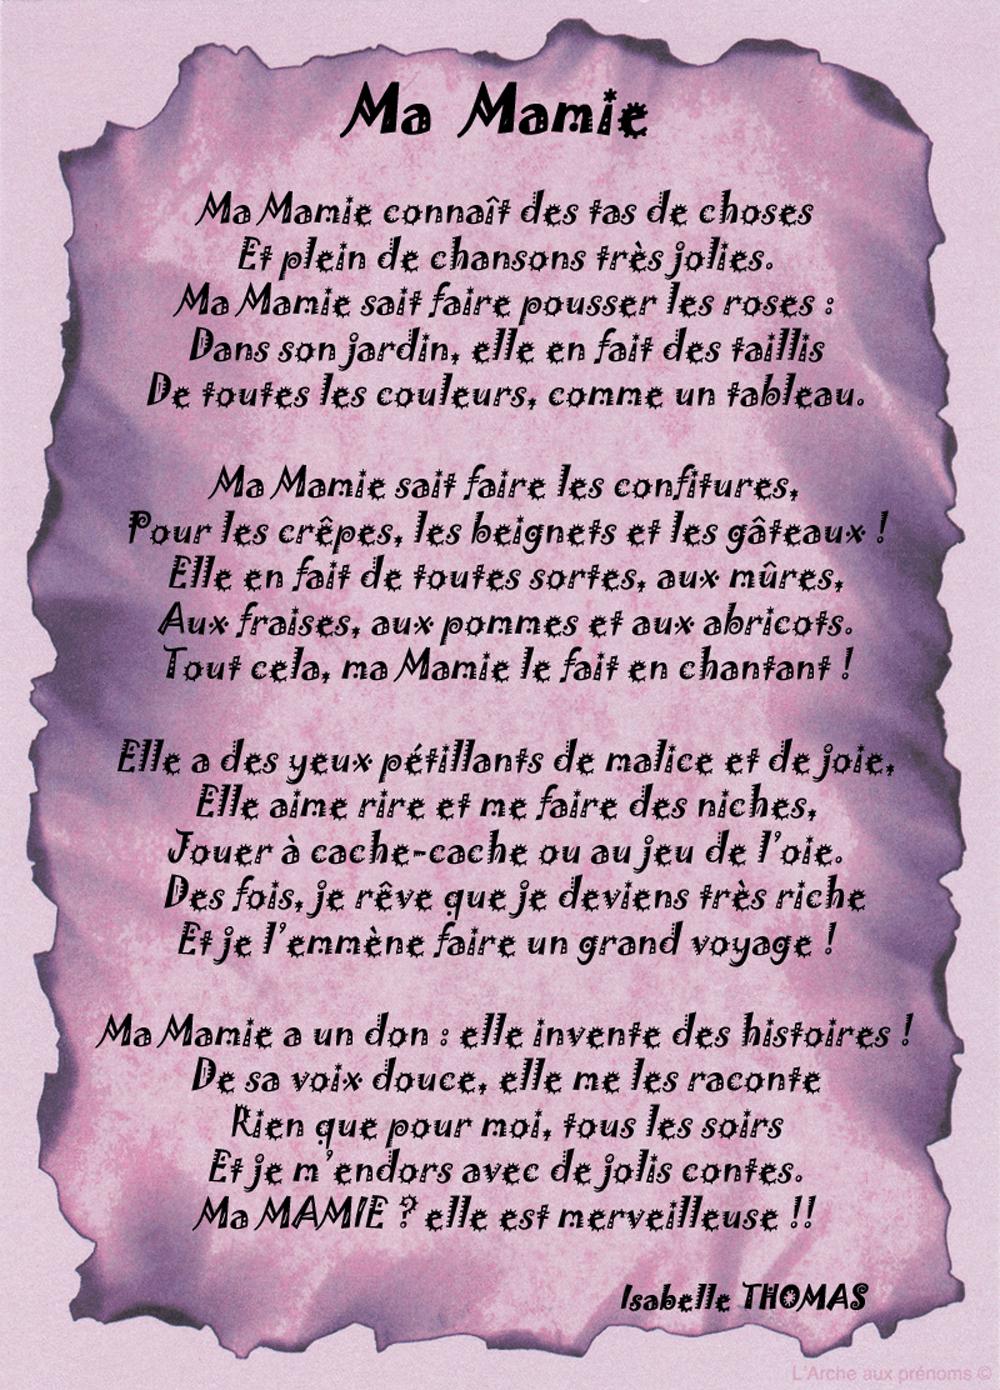 Un Poème Pour Ma Mamie - Poème/Poème Famille - Texticadeaux à Poeme Pour Ma Mere